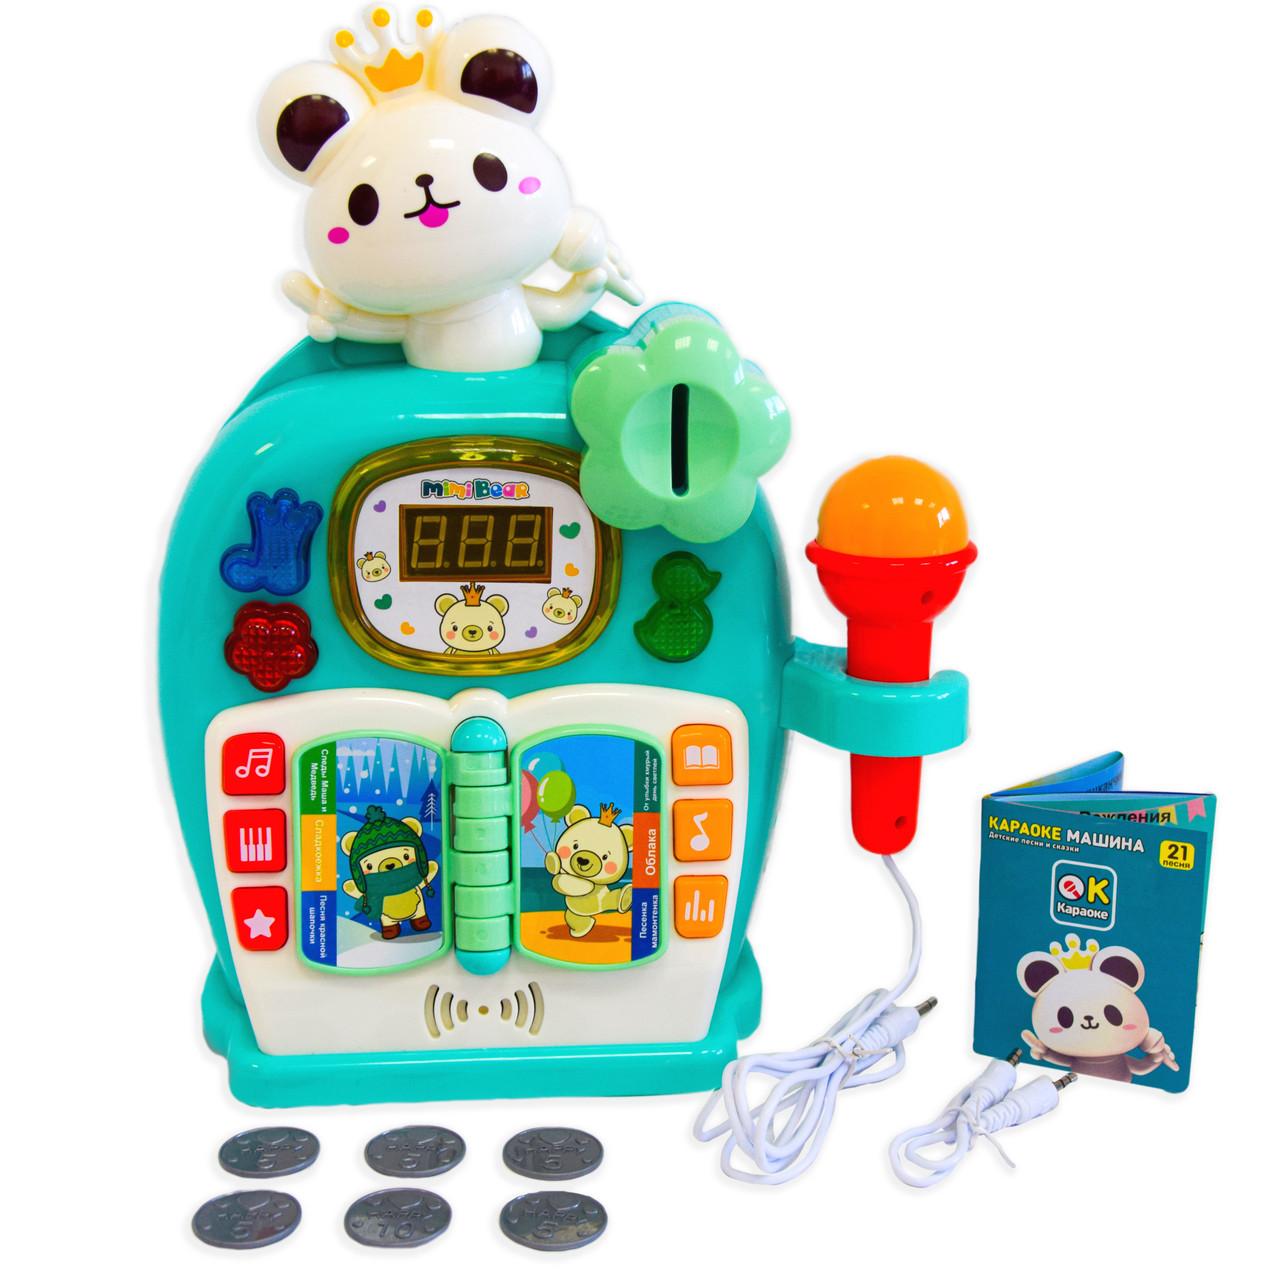 """Детское караоке """"Караоке Машина - Поющий медвежонок"""" музыкальная игрушка и детский микрофон (GK)"""